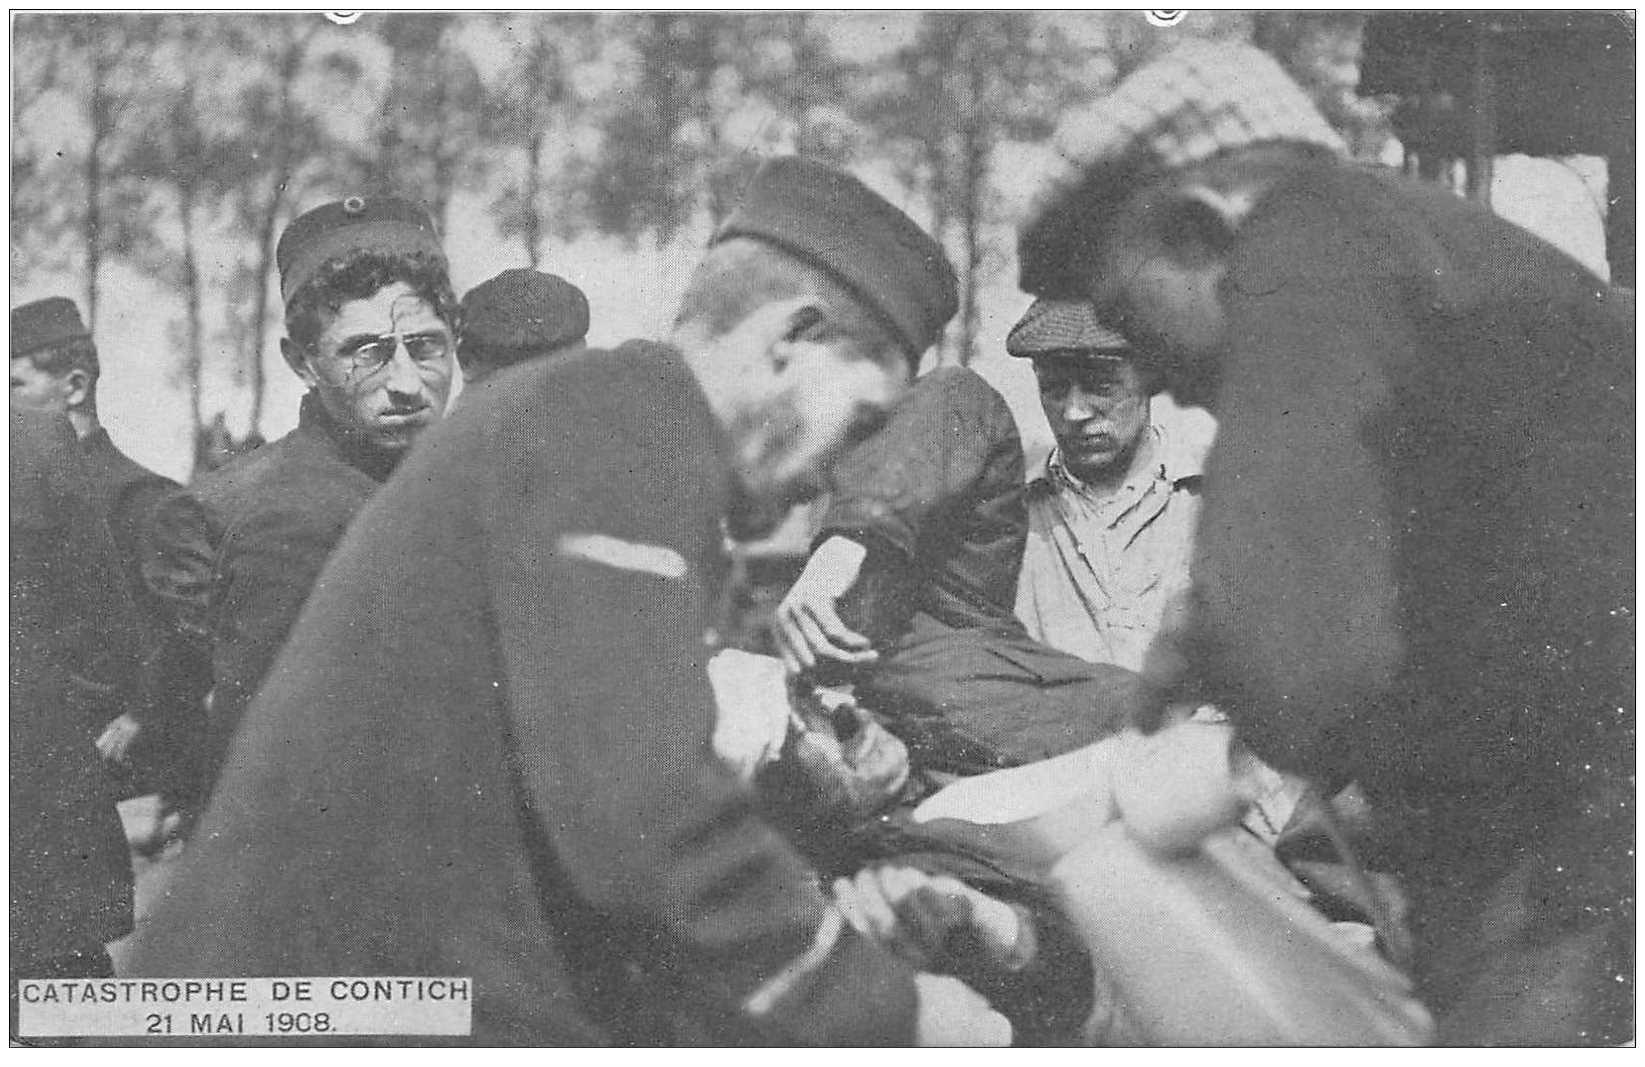 carte postale ancienne BELGIQUE. Catastrophe de Contich le 21 mai 1908. Déraillement d'un Train accident